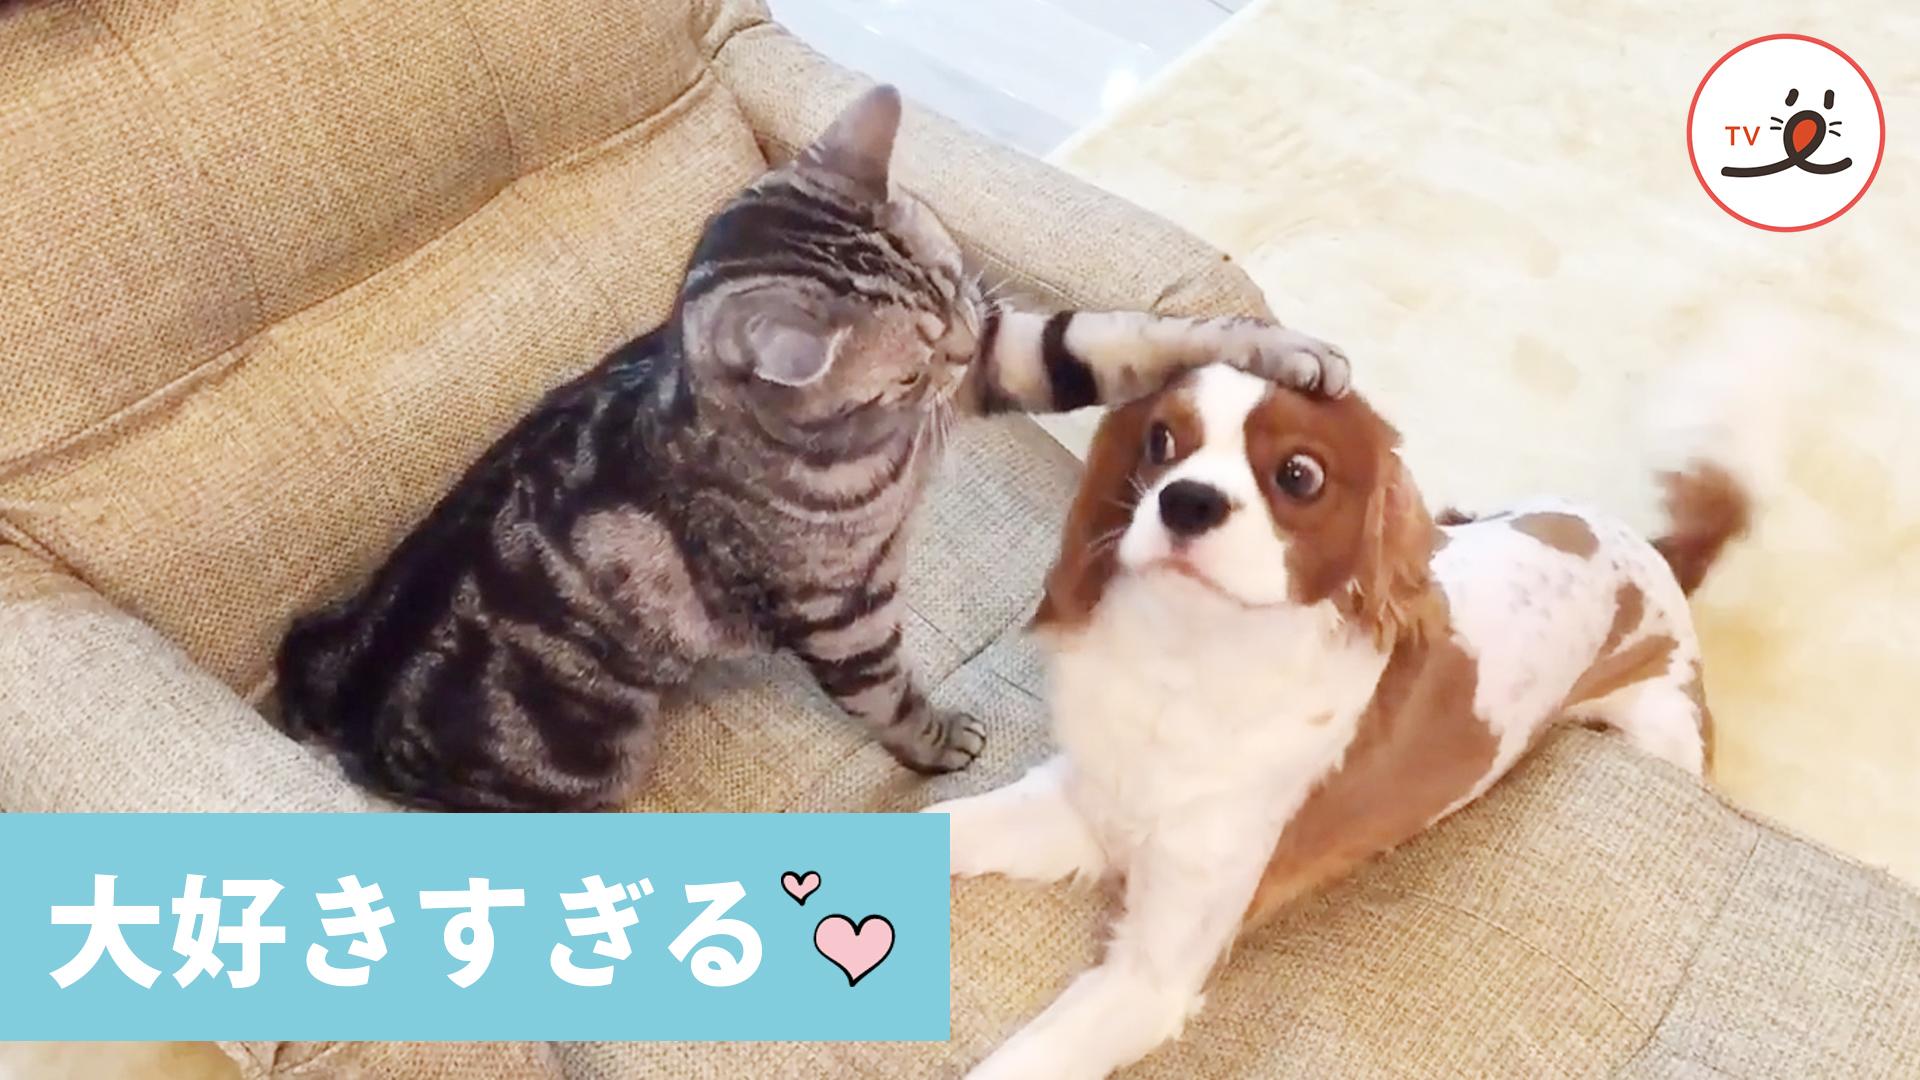 愛に生きるワンコ❤️ ニャンコに噛まれても、猫パンチされても、嬉しくて尻尾フリフリしちゃう🐶